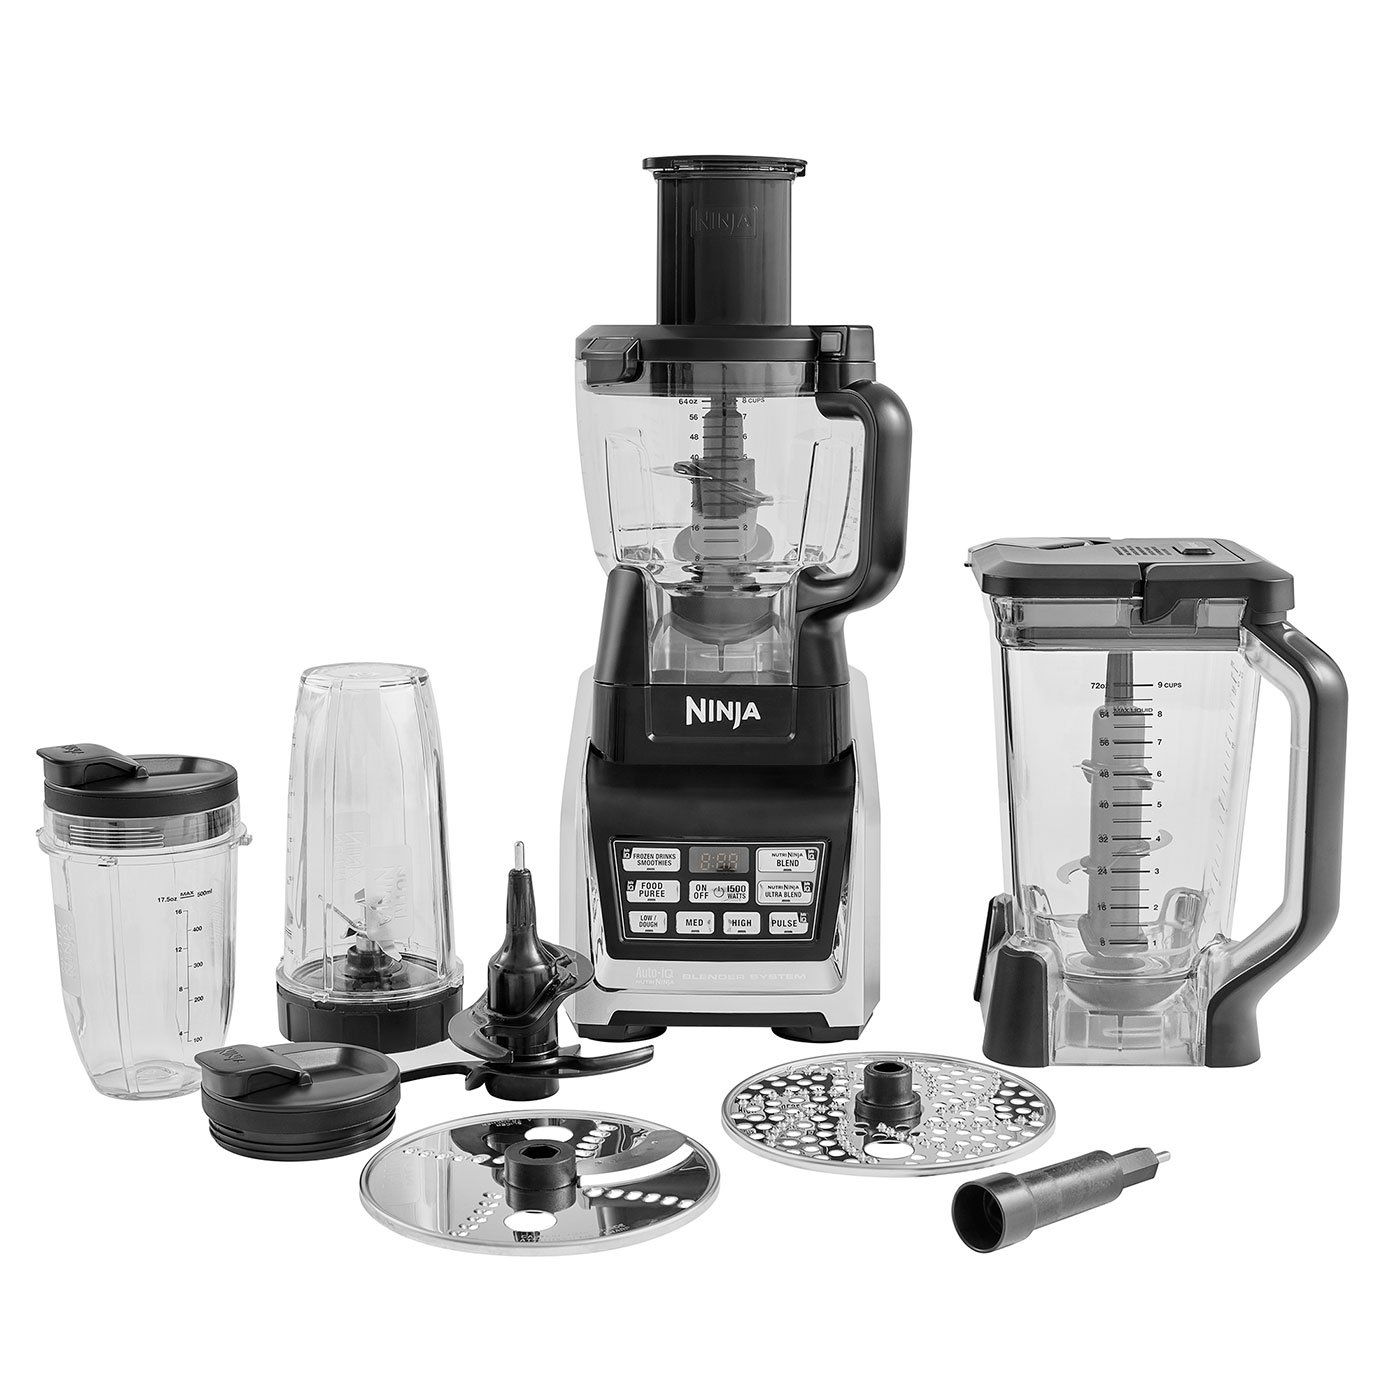 Ninja Robot de cocina 3 en 1 [BL682EU2] 1500 W, Auto-iQ, 1500 W Negro: Amazon.es: Hogar